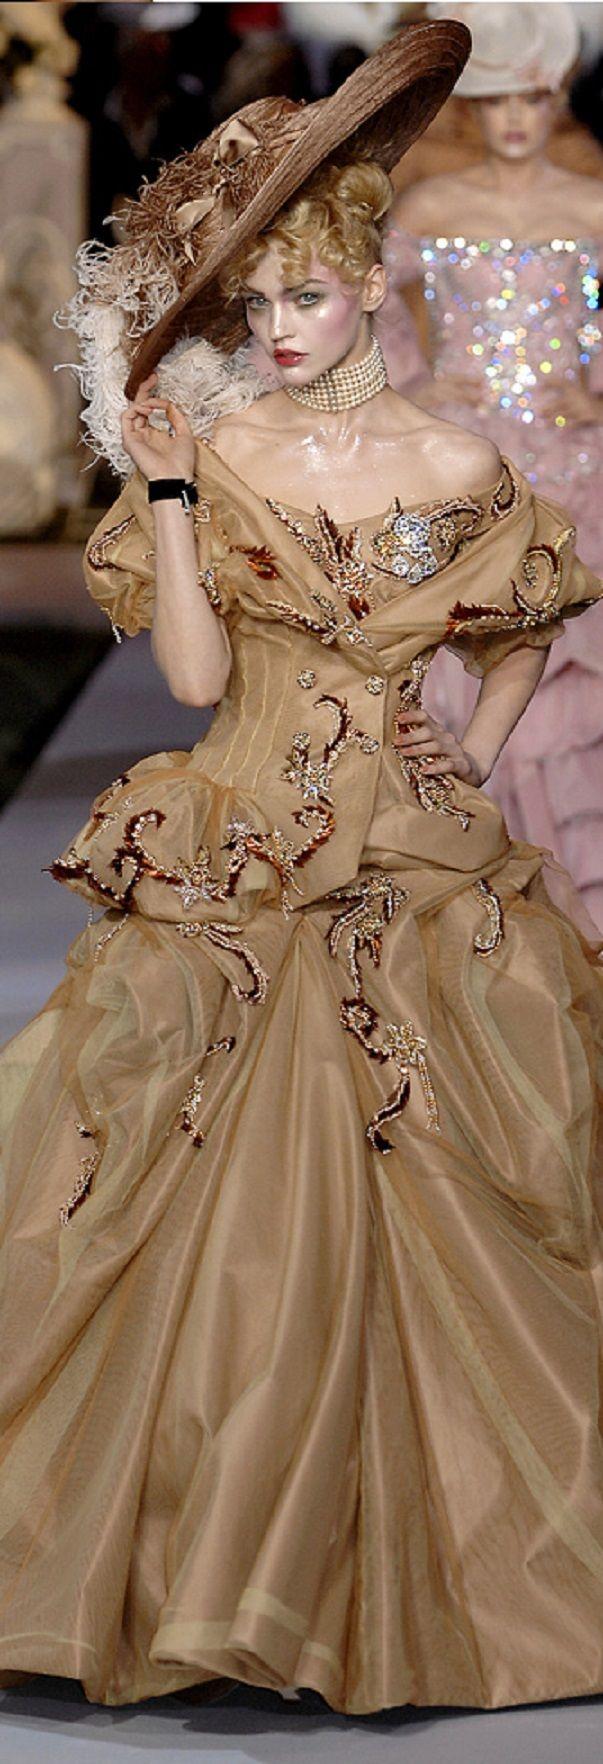 #MaFash14ContestW3NewYork. La teatralidad y la increible forma de trabajar los materiales hace a John Galliano un diseñador y marca memorable a pesar de todos los problemas que pudo tener. Christian Dior - Haute Couture fall 2007 - John Galliano